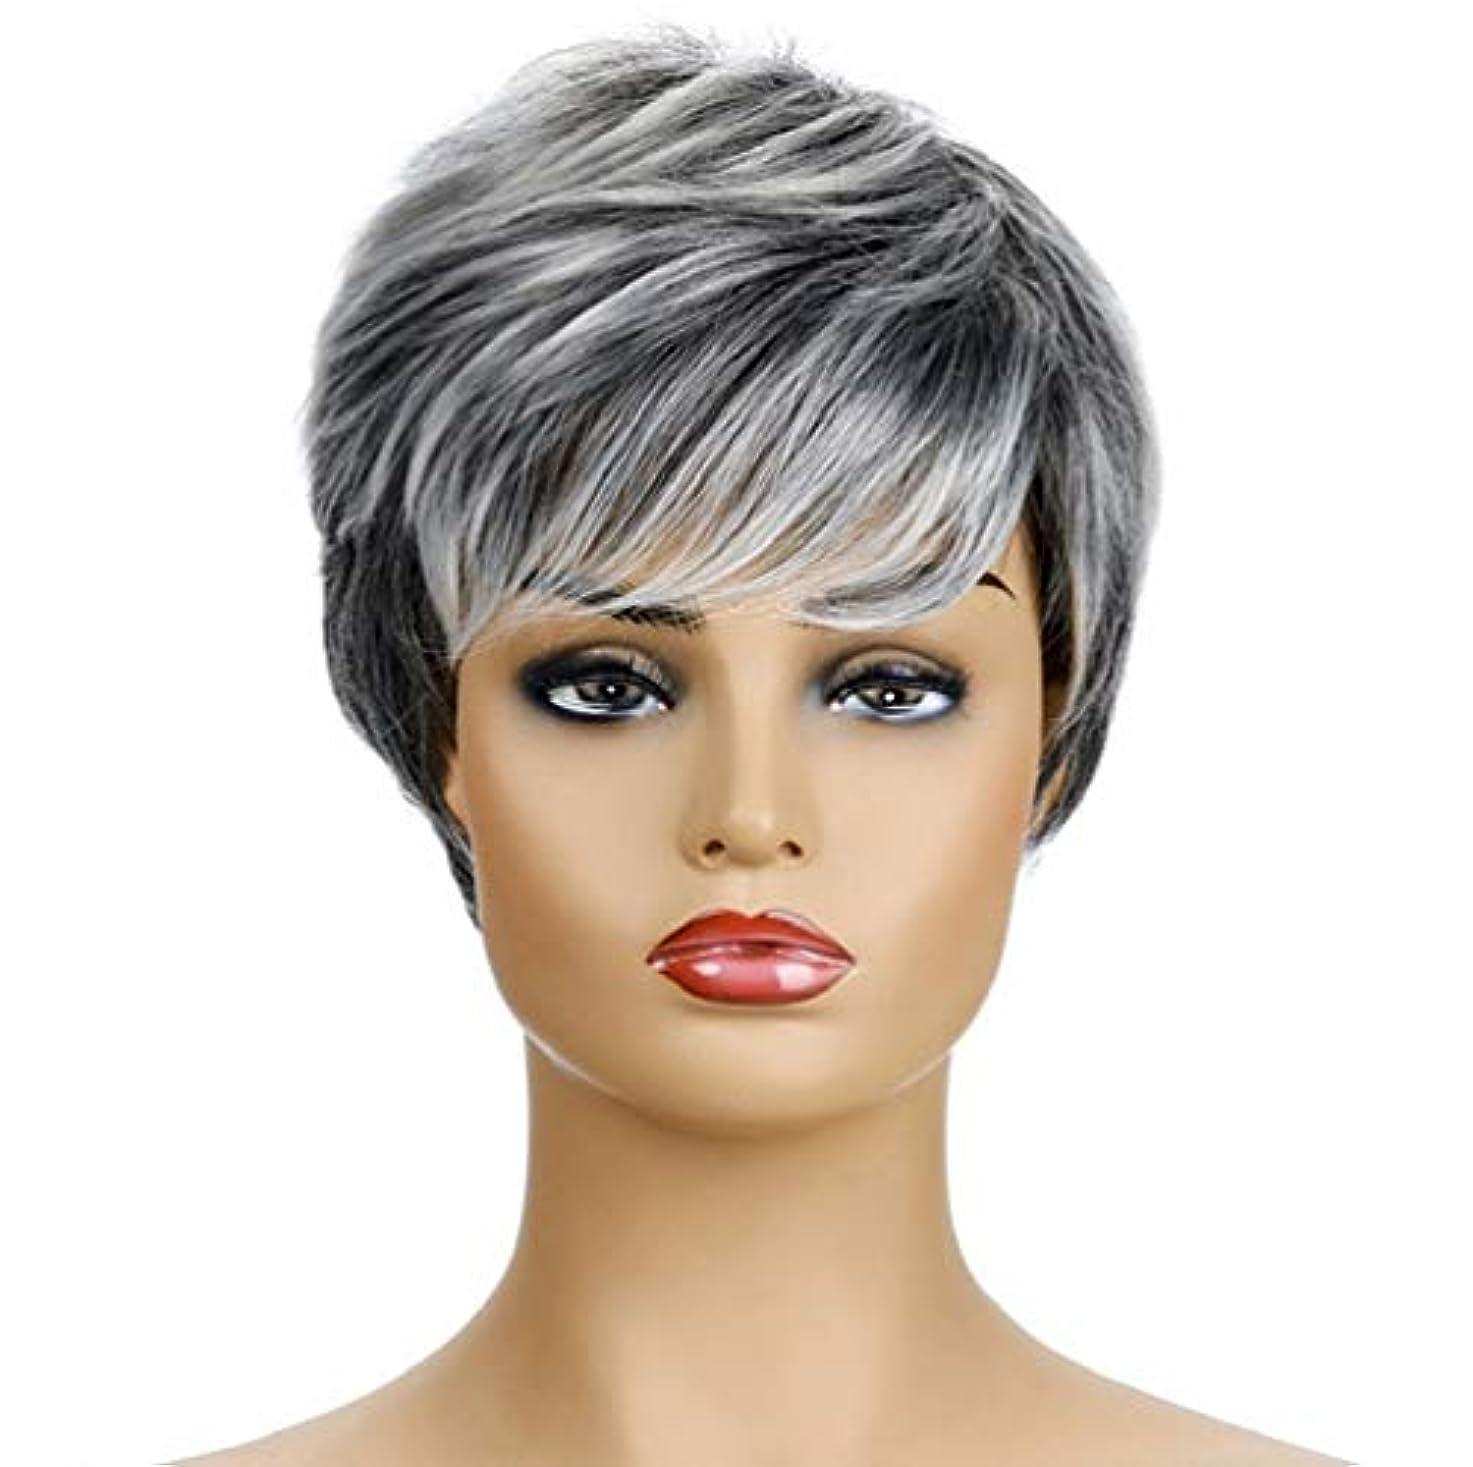 ルーム華氏厚さ女性150%密度かつら合成耐熱ショートブラジル人毛ウィッグ黒グラデーショングレー25センチ